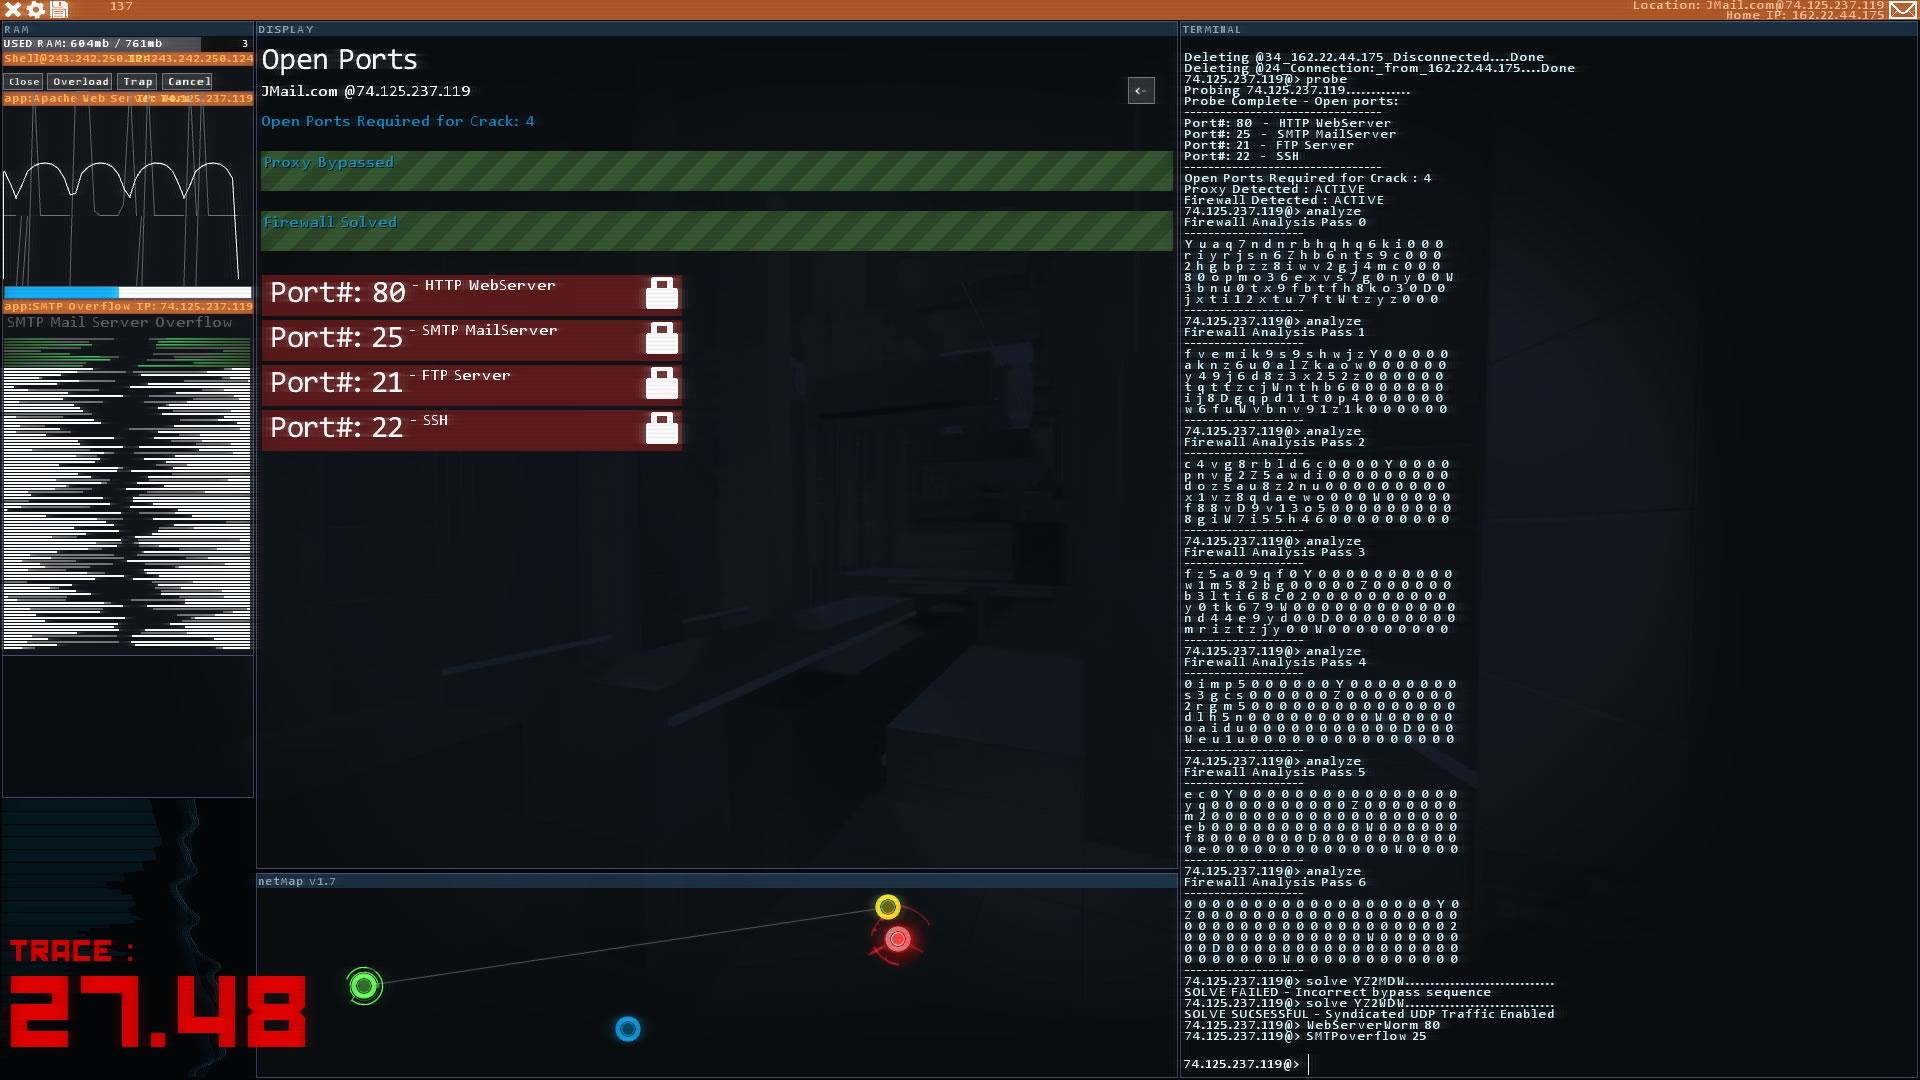 左下の赤い数字が逆探知のカウンター。相手の探知よりも早く、右下のターミナルからハッキングを実行しなくてはならない